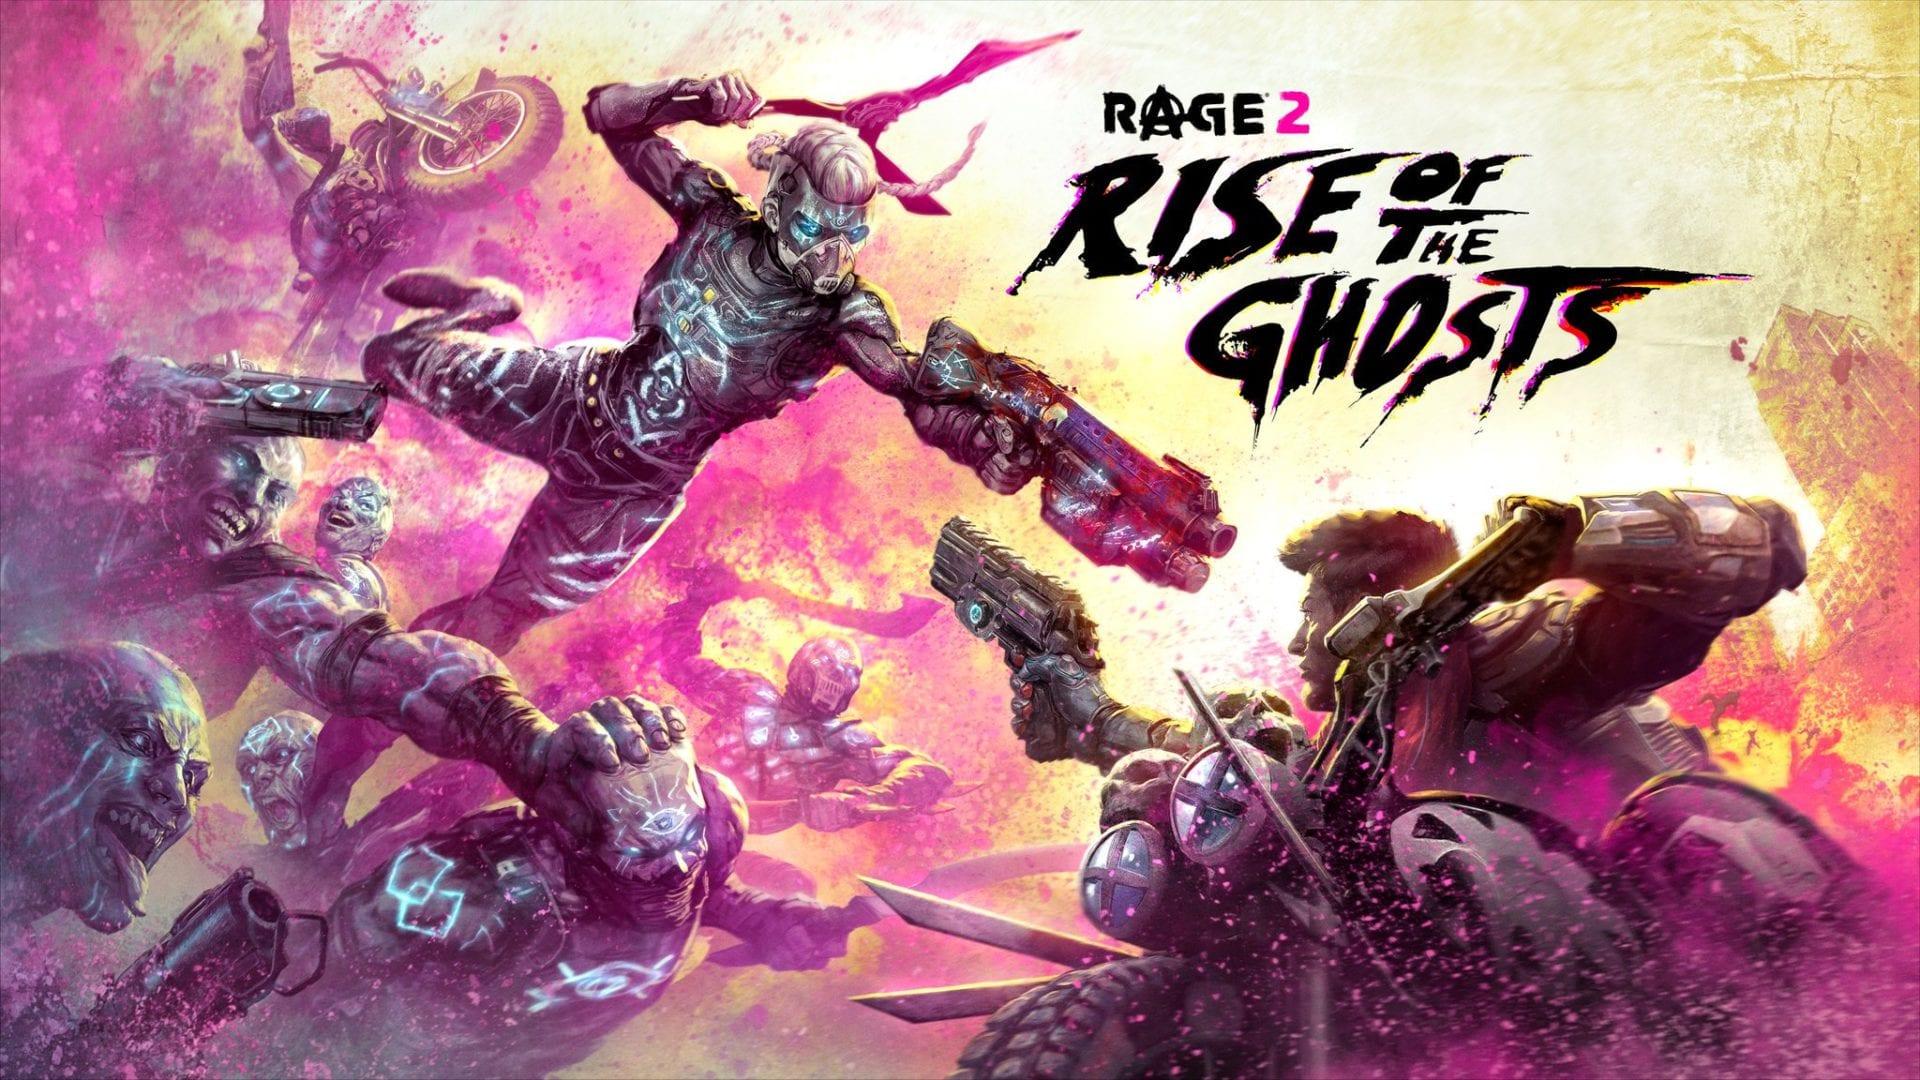 Rage 2 DLC